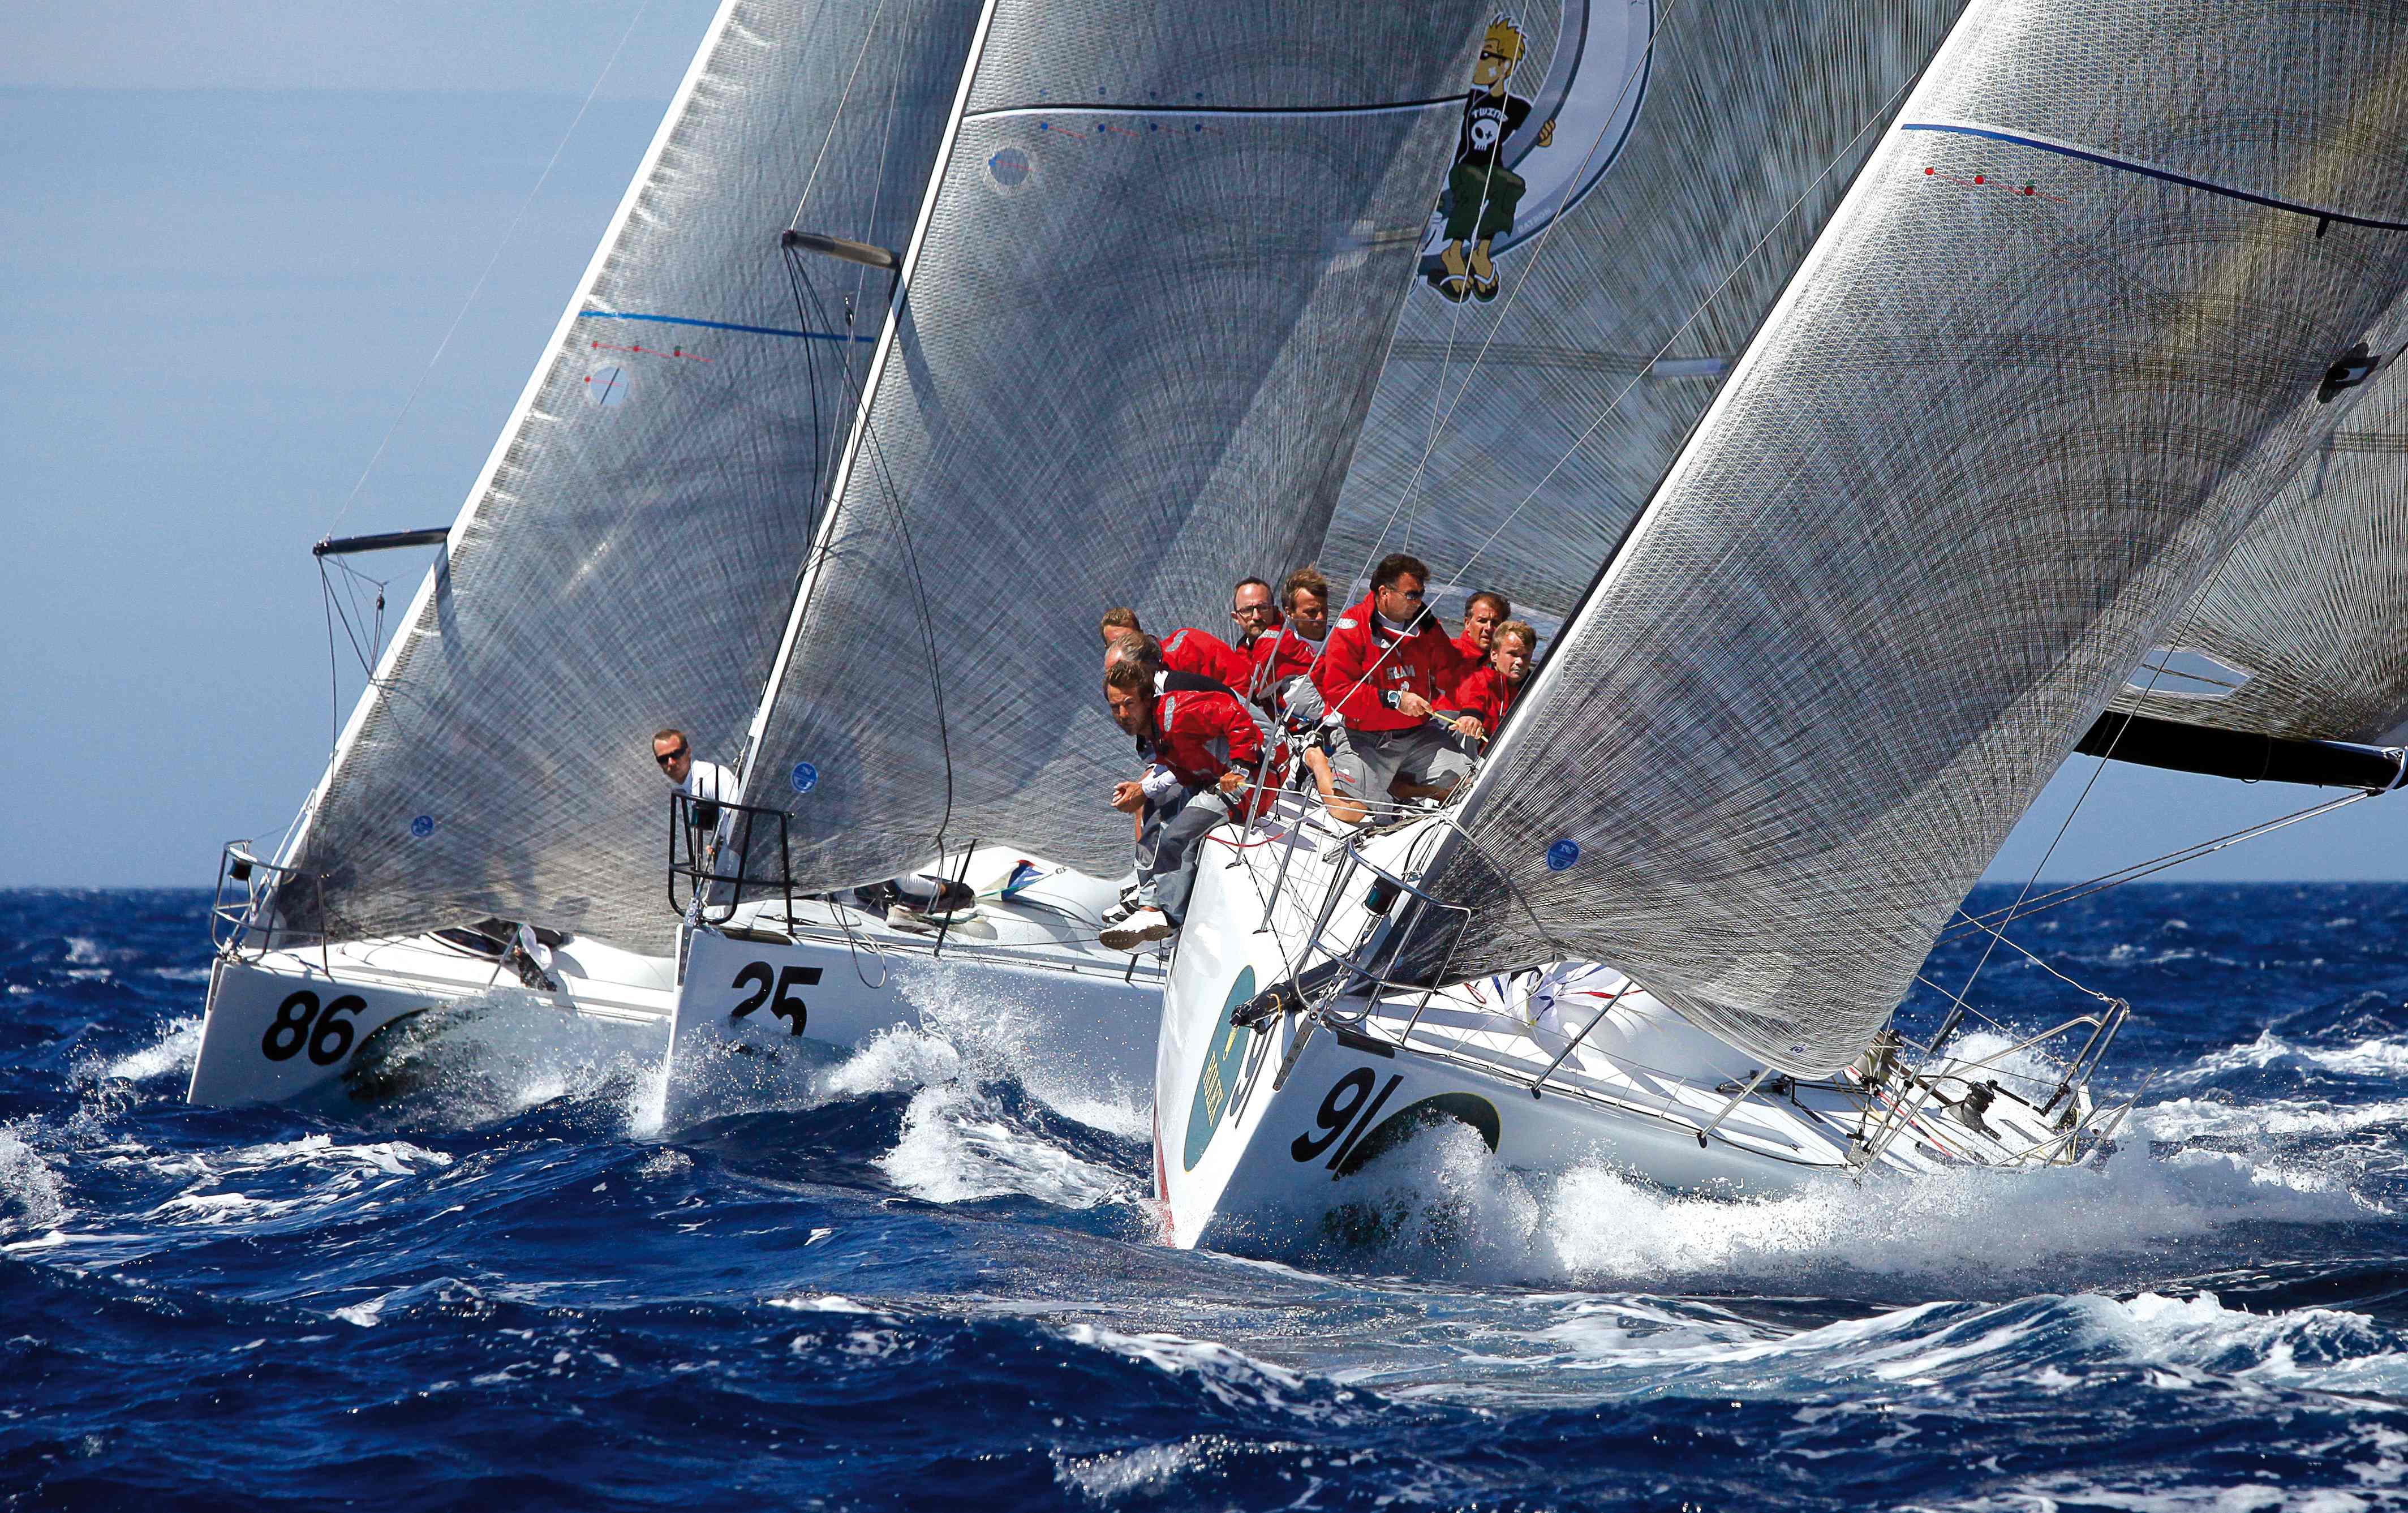 A regatta